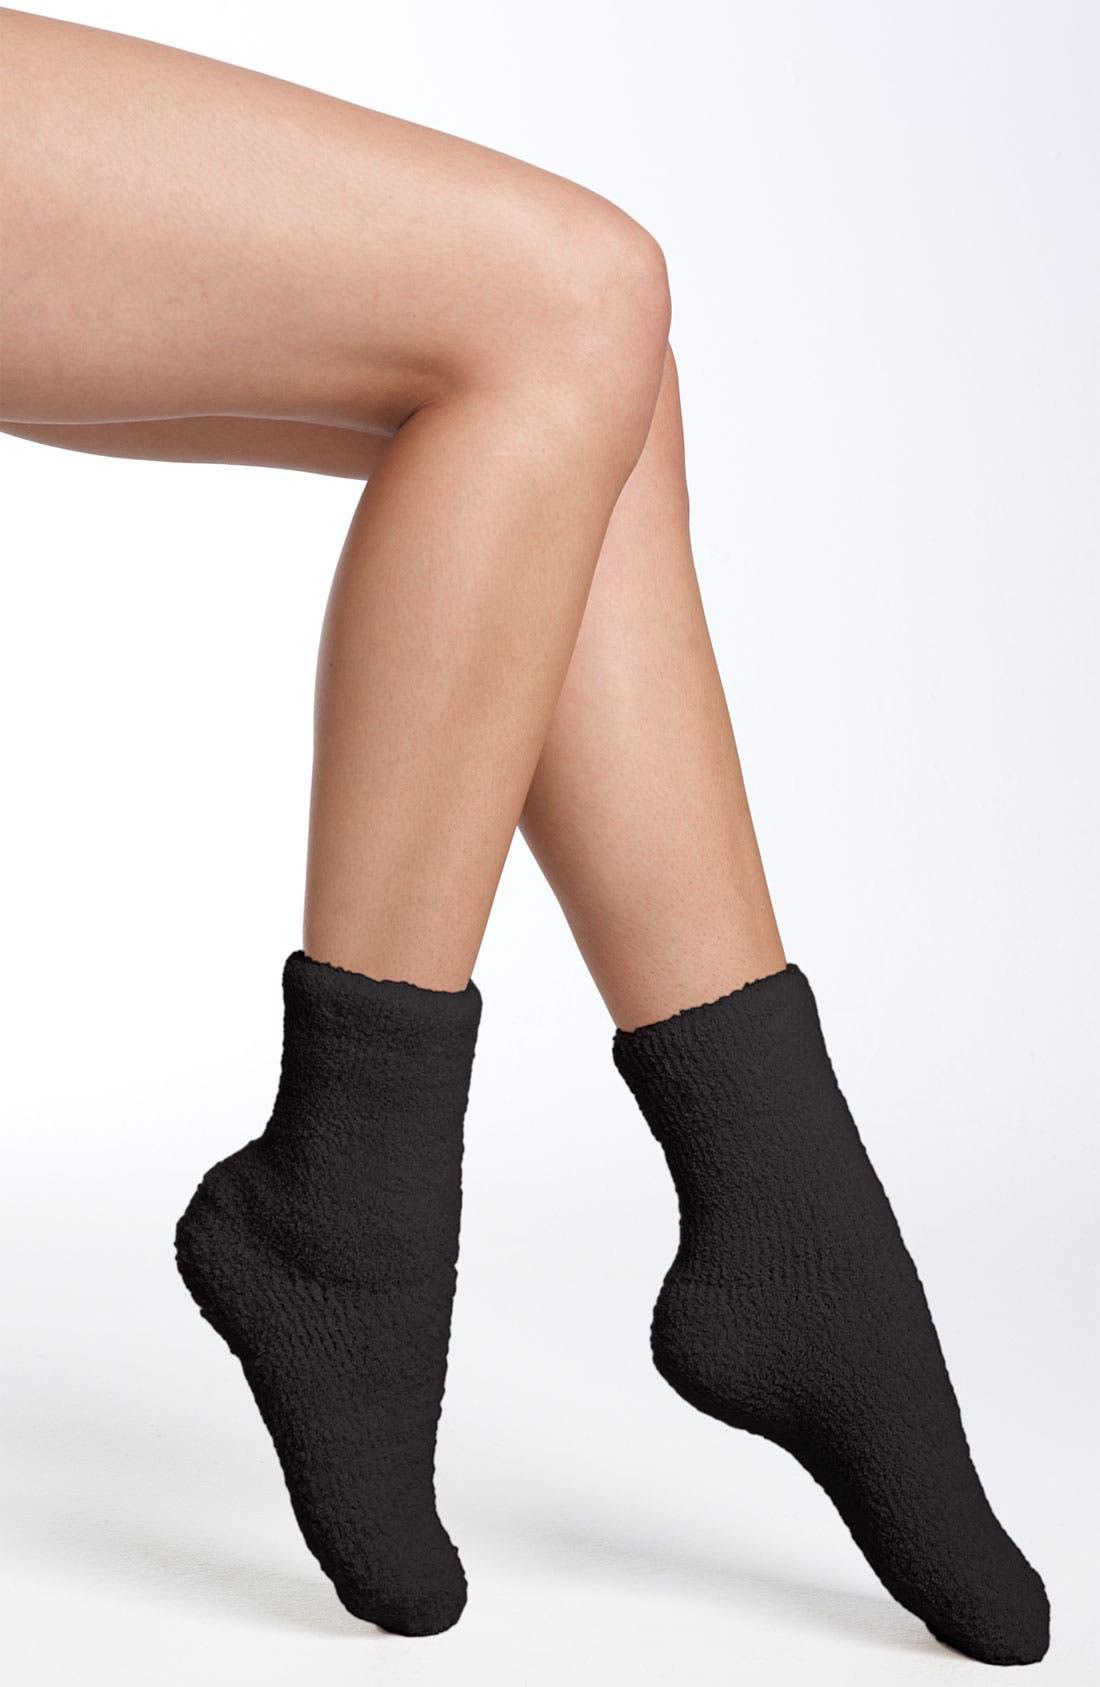 Butter Slipper Socks,                         Main,                         color, Black